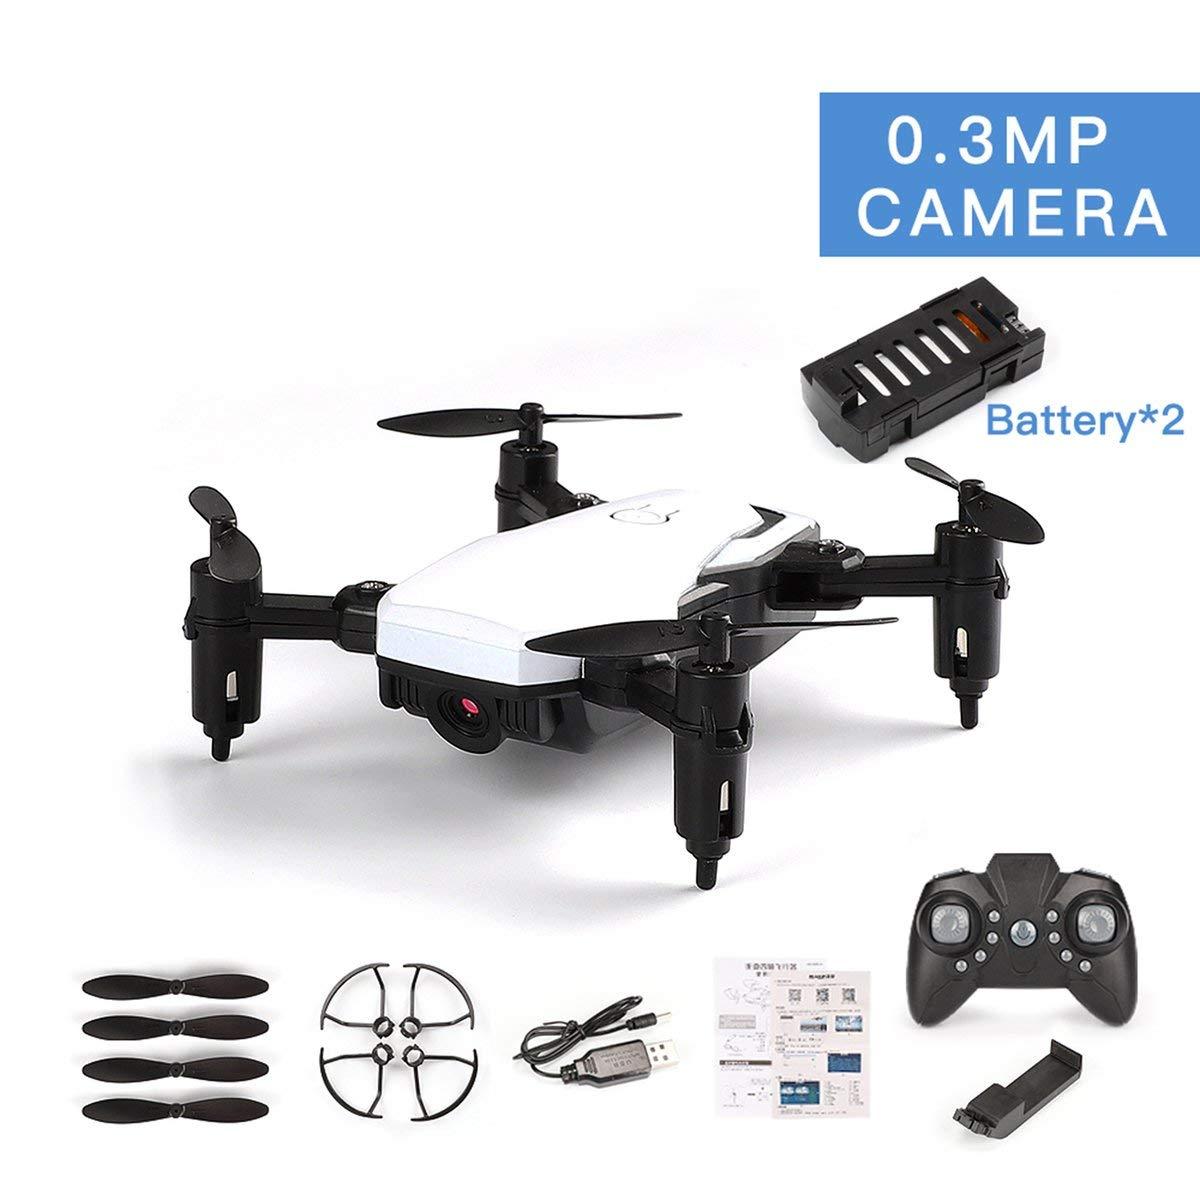 Gugutogo Batterien LF606 Dual-Drone mit 0.3MP Kamera FPV Quadcopter Faltbare RC Drones